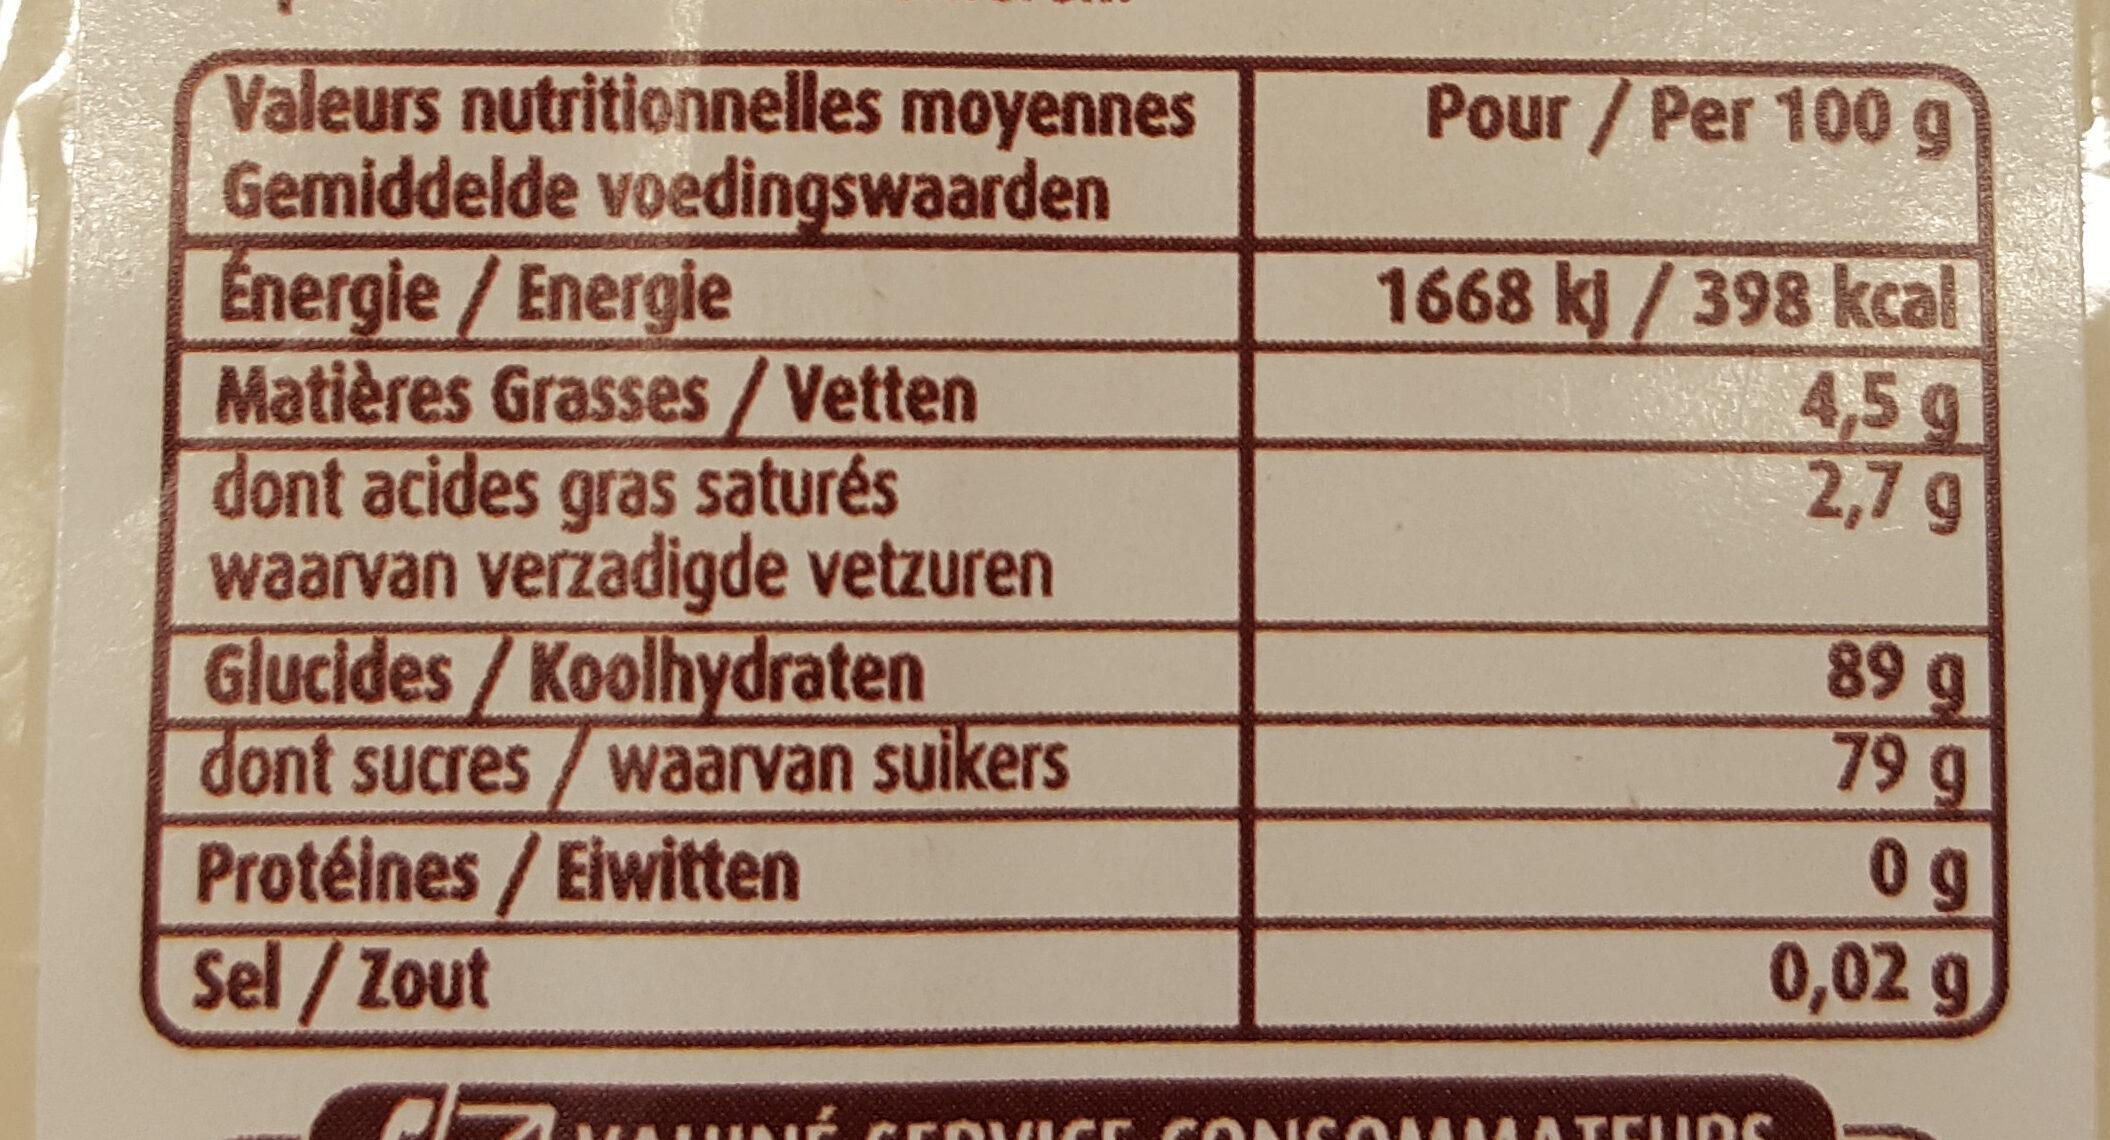 Pâte à sucre Blanc - Informations nutritionnelles - fr